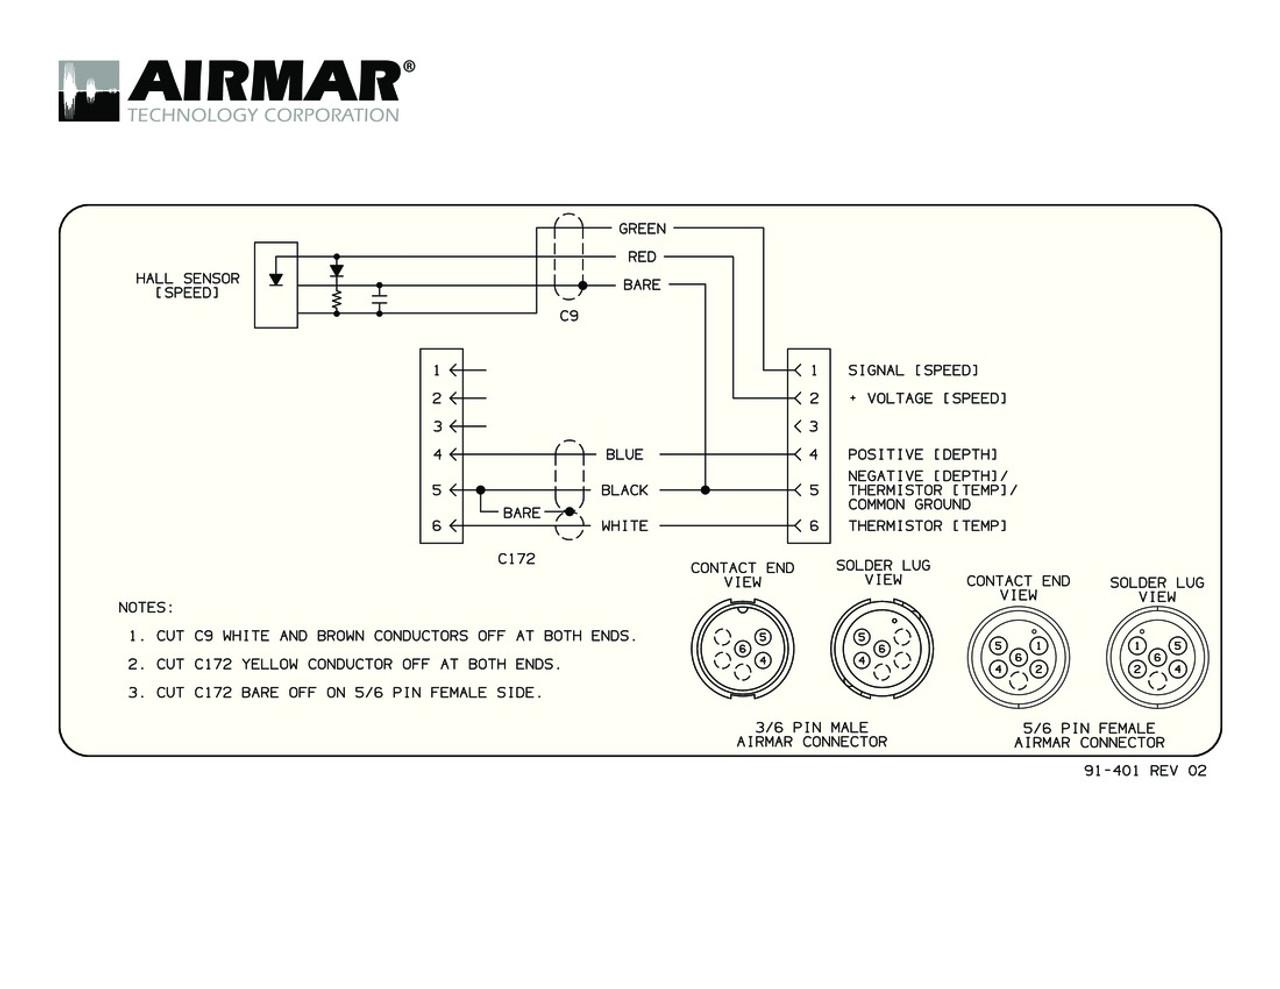 garmin fish finder wiring diagram wiring library garmin fish finder wiring diagram [ 1100 x 850 Pixel ]